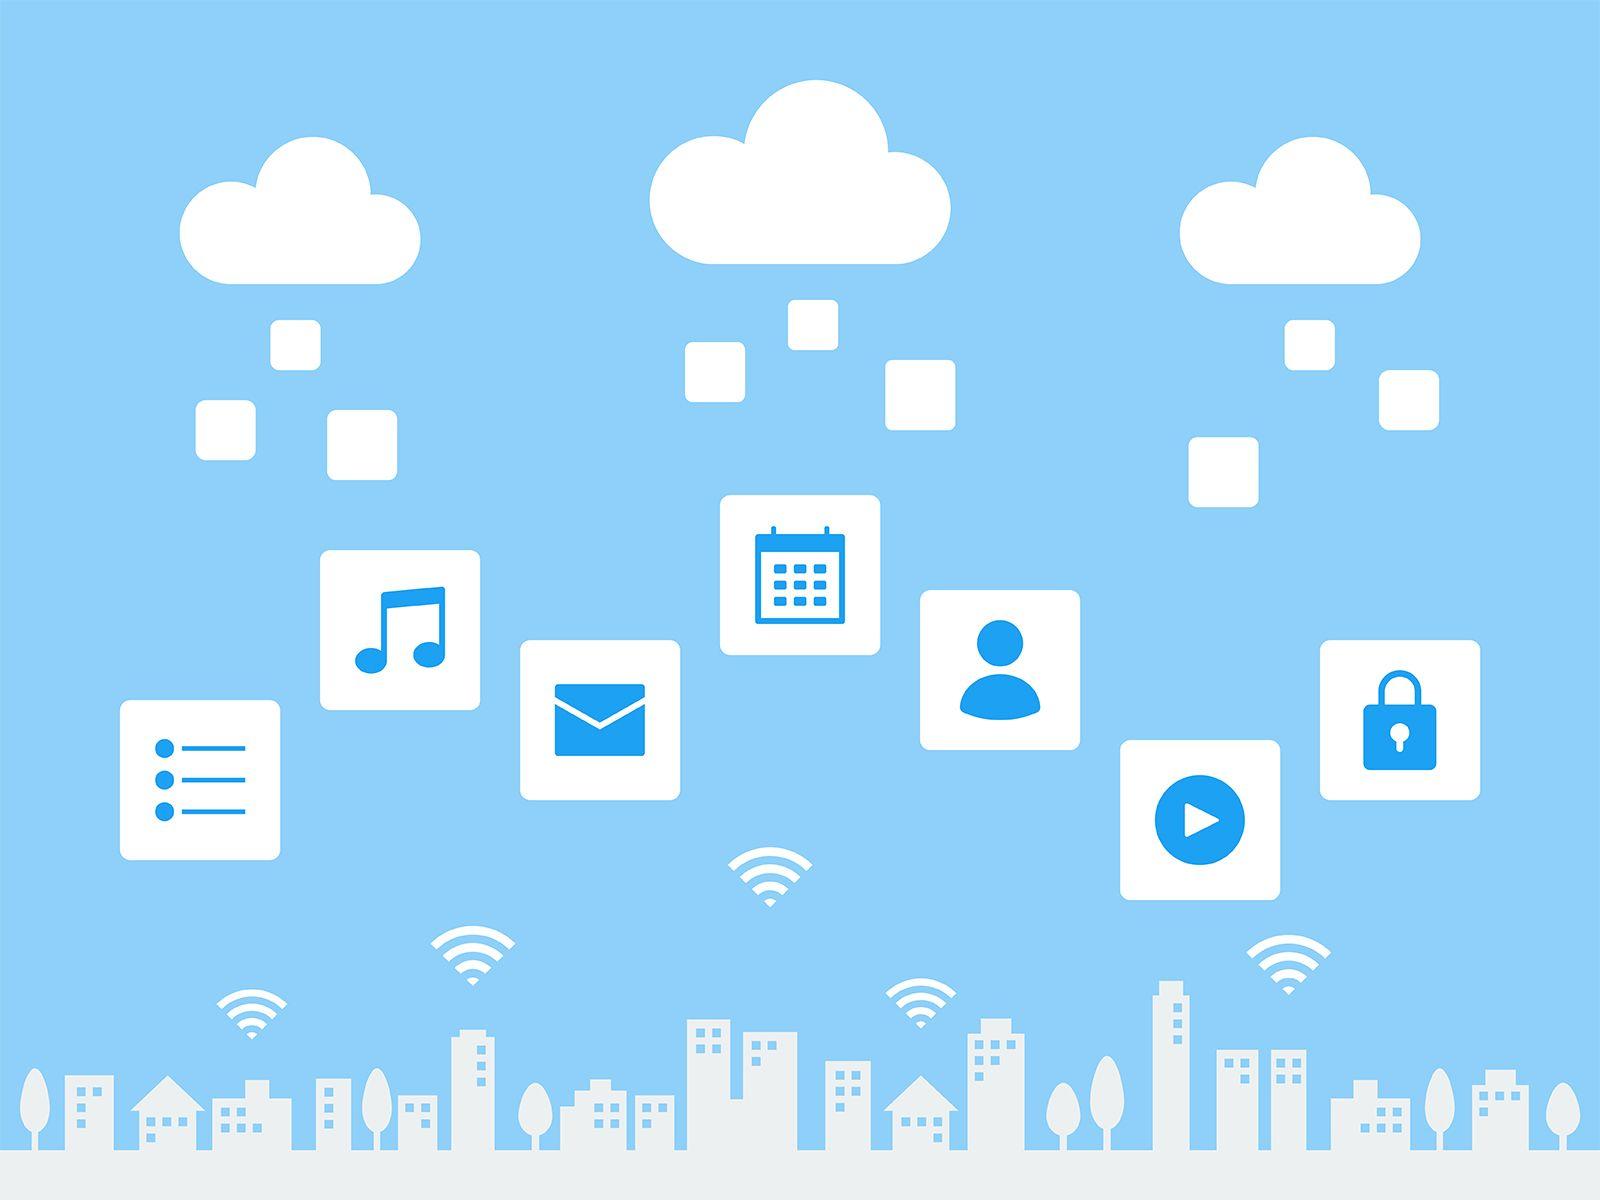 「AWS App2Container」リリースで既存アプリのコンテナ化が容易に – クラウド業界ニュースまとめvol.10 by MMM